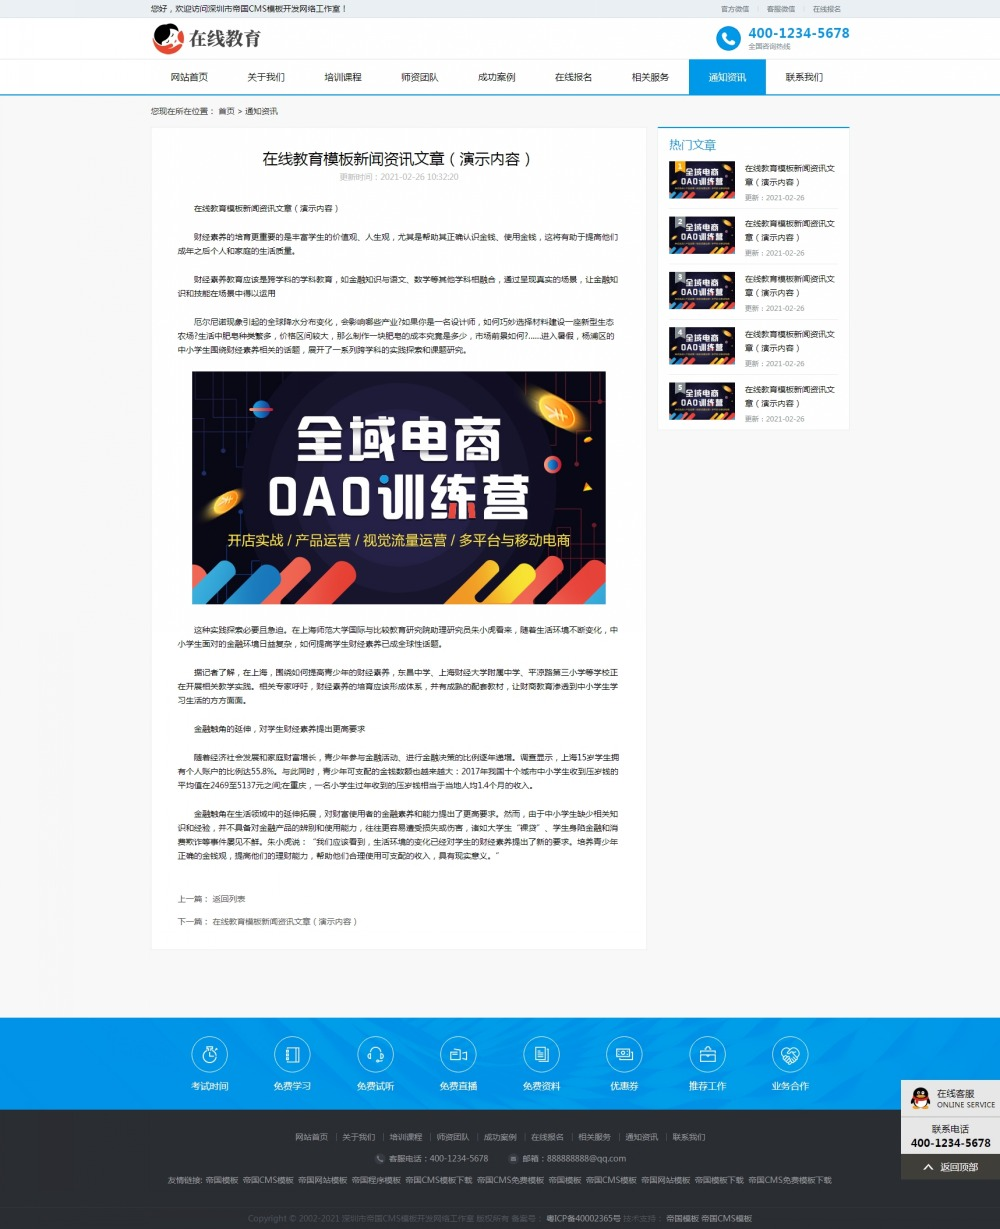 [DG-0183]响应式在线教育培训类网站帝国cms模板_教育培训机构帝国网站源码下载 企业模板 第11张